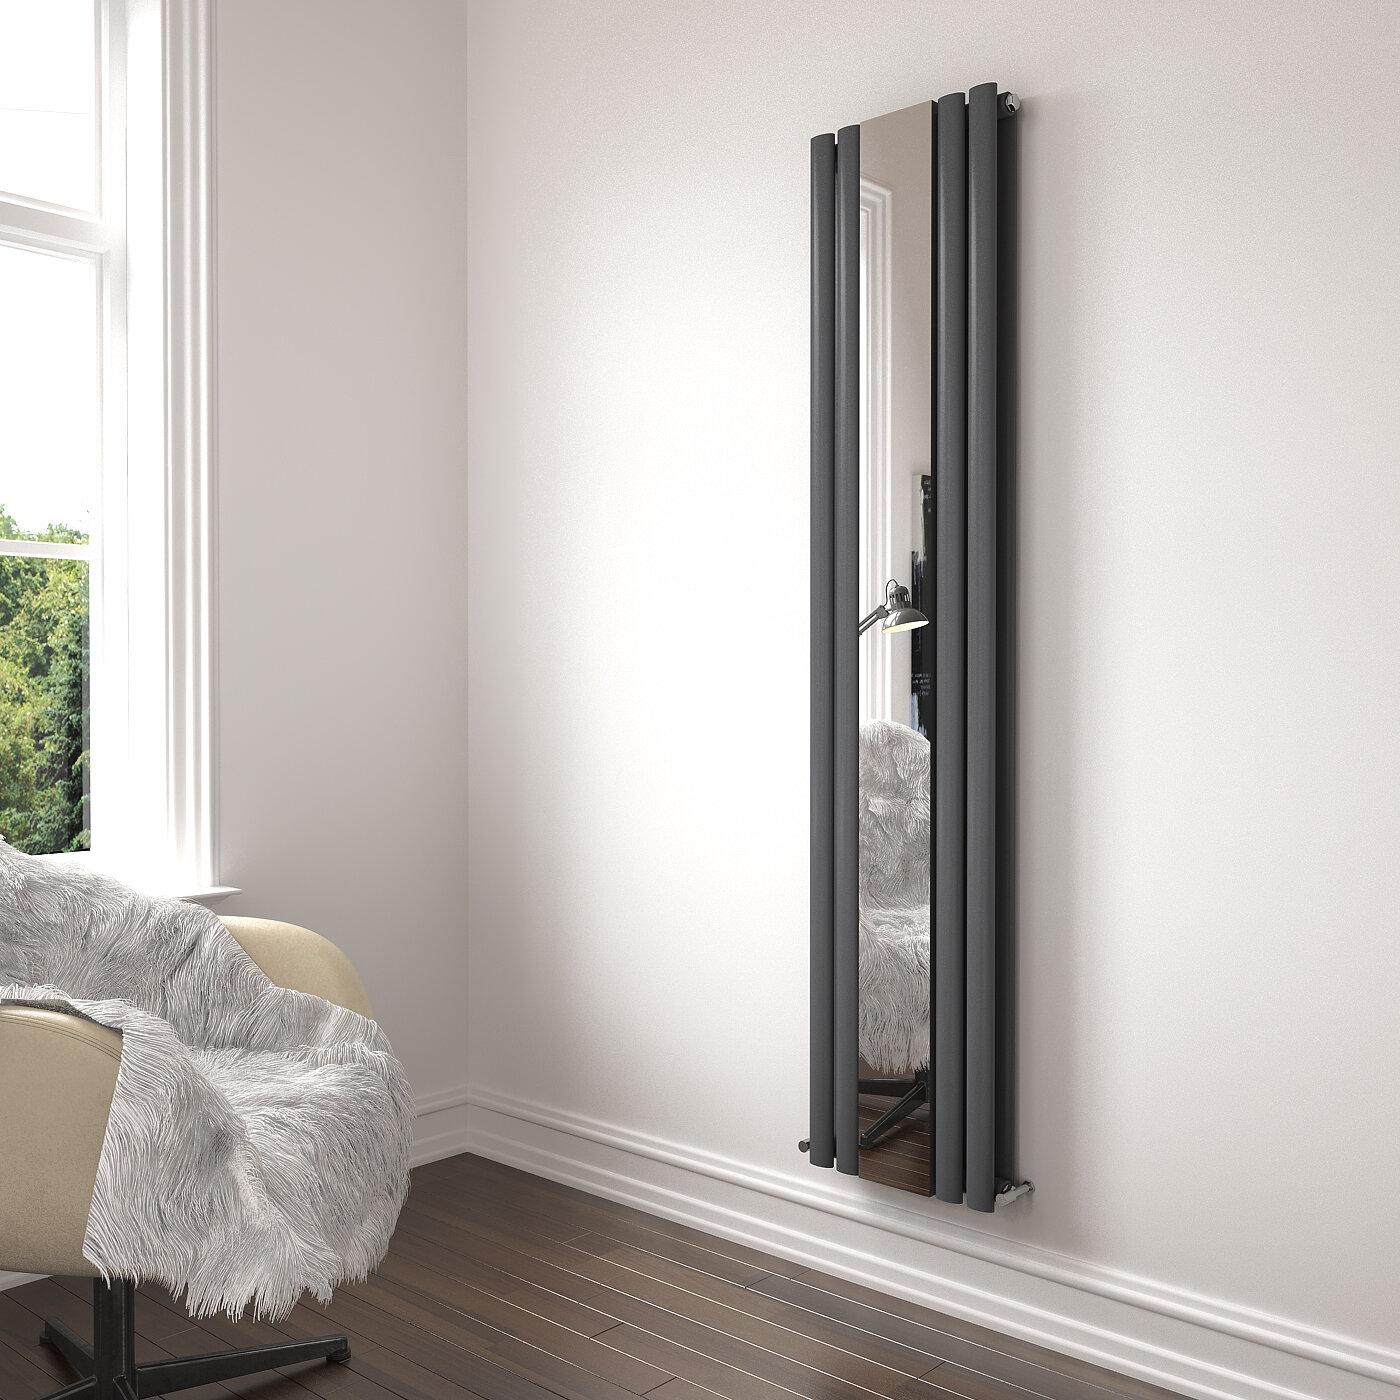 Vertikaler Design-Heizkörper Mira